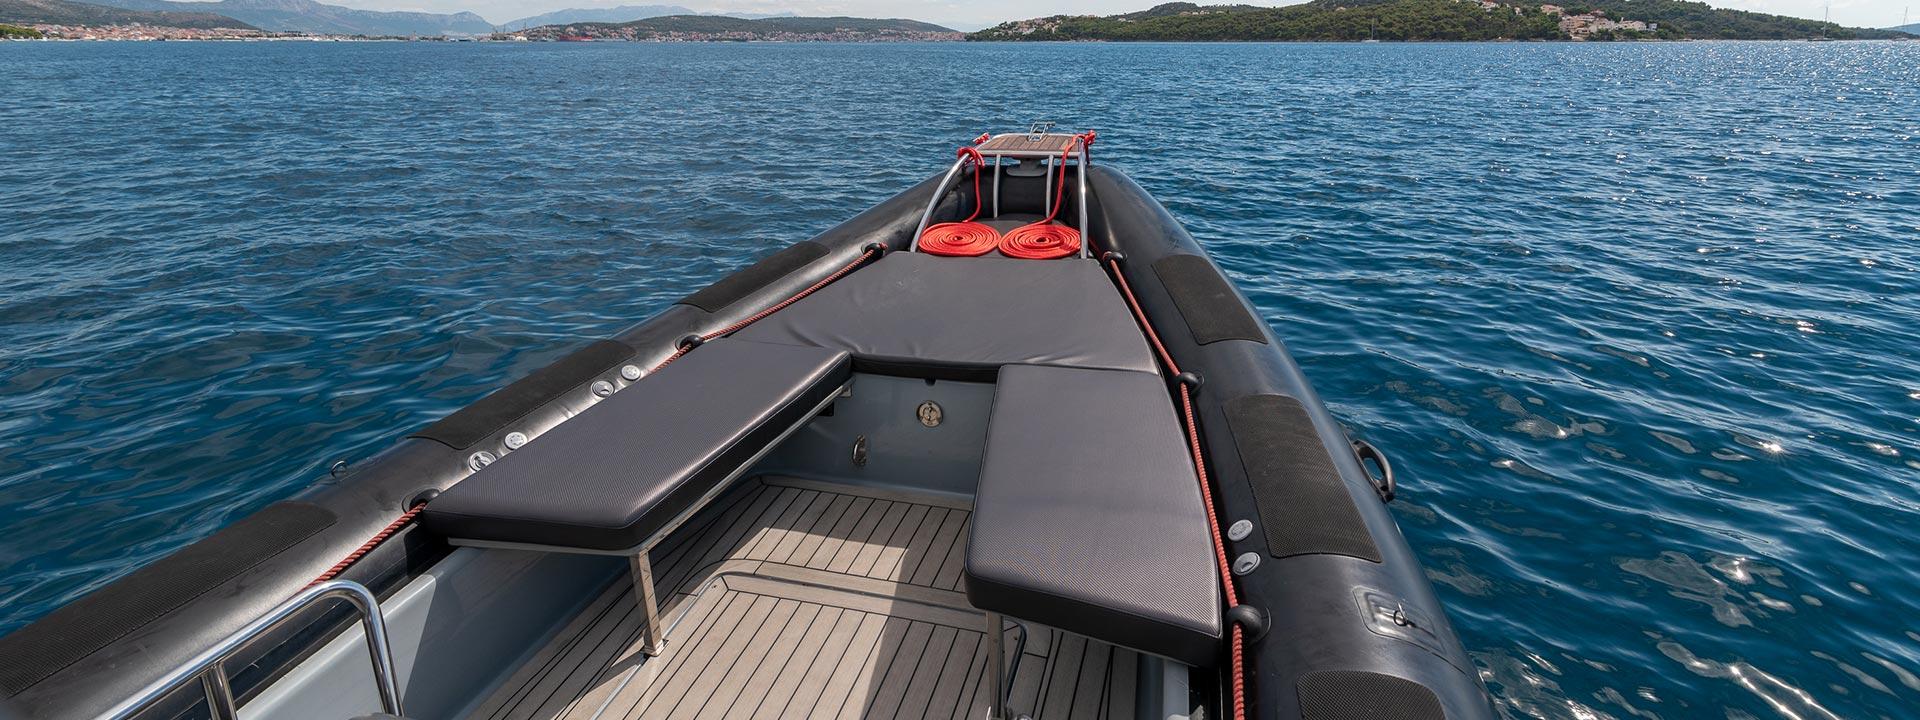 mayer-charter-boat-header-valiant-760-sport-03